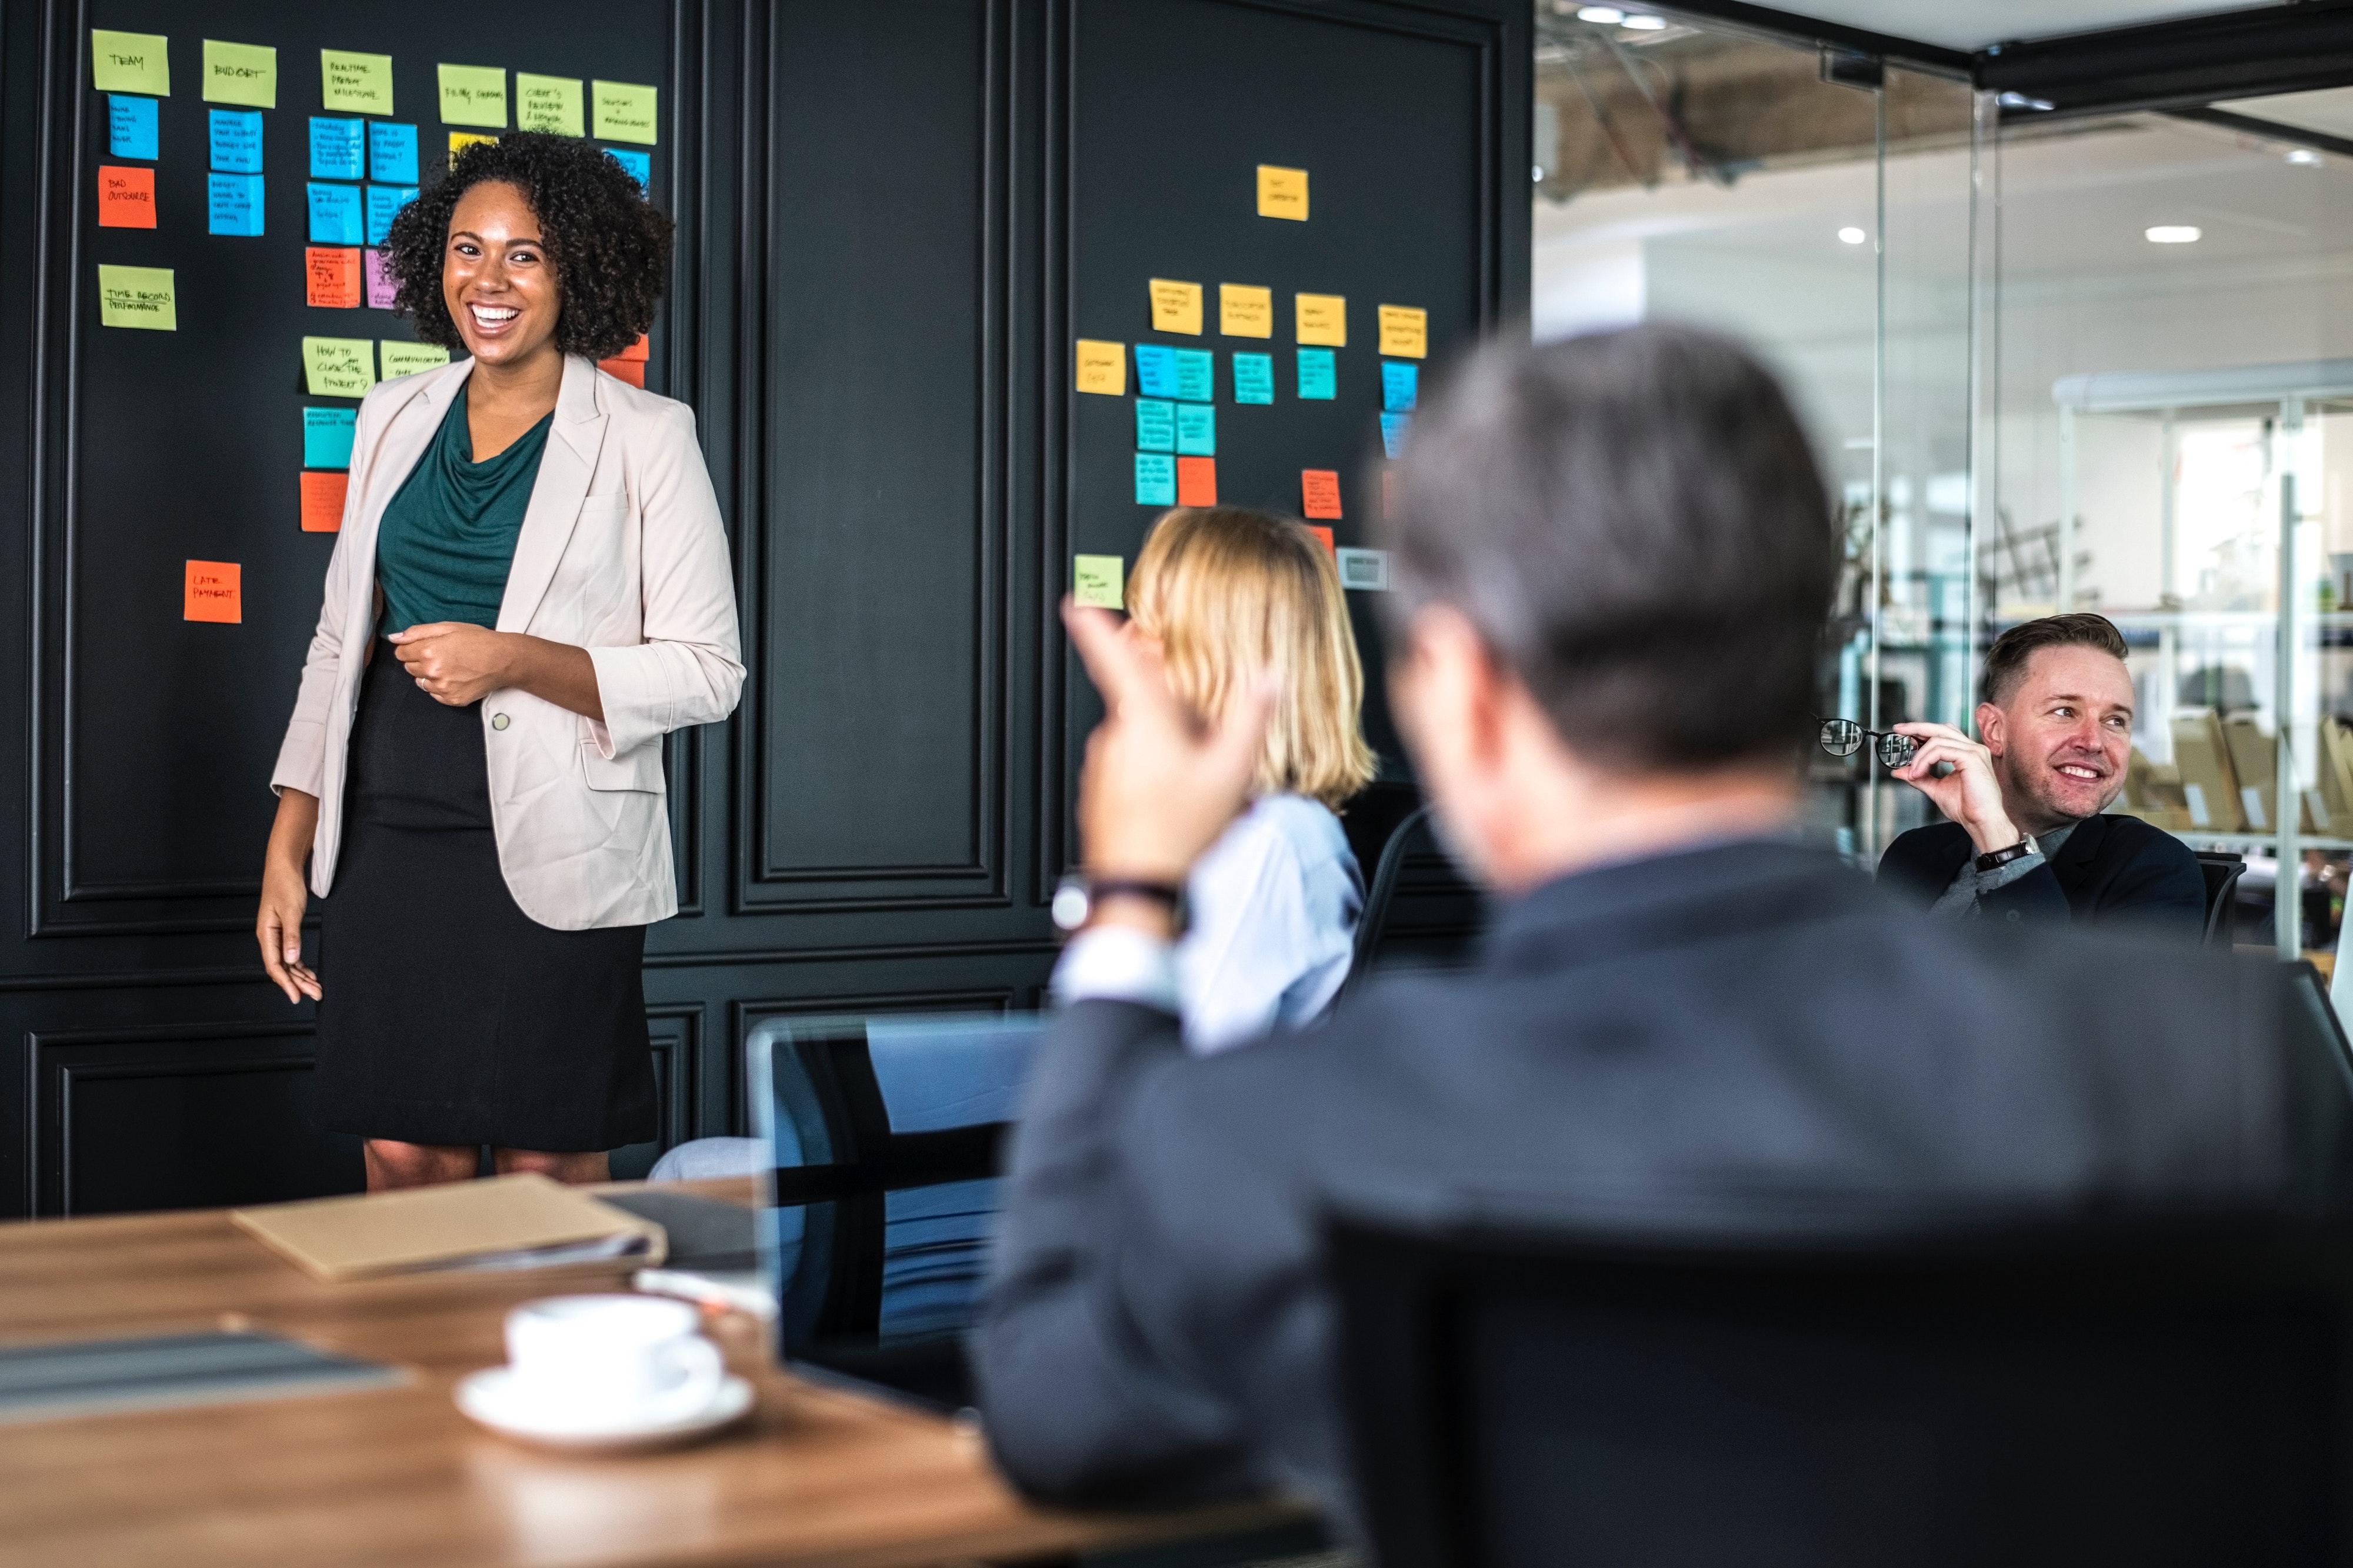 Imagem de 4 pessoas sorrindo em uma sala de reuniões